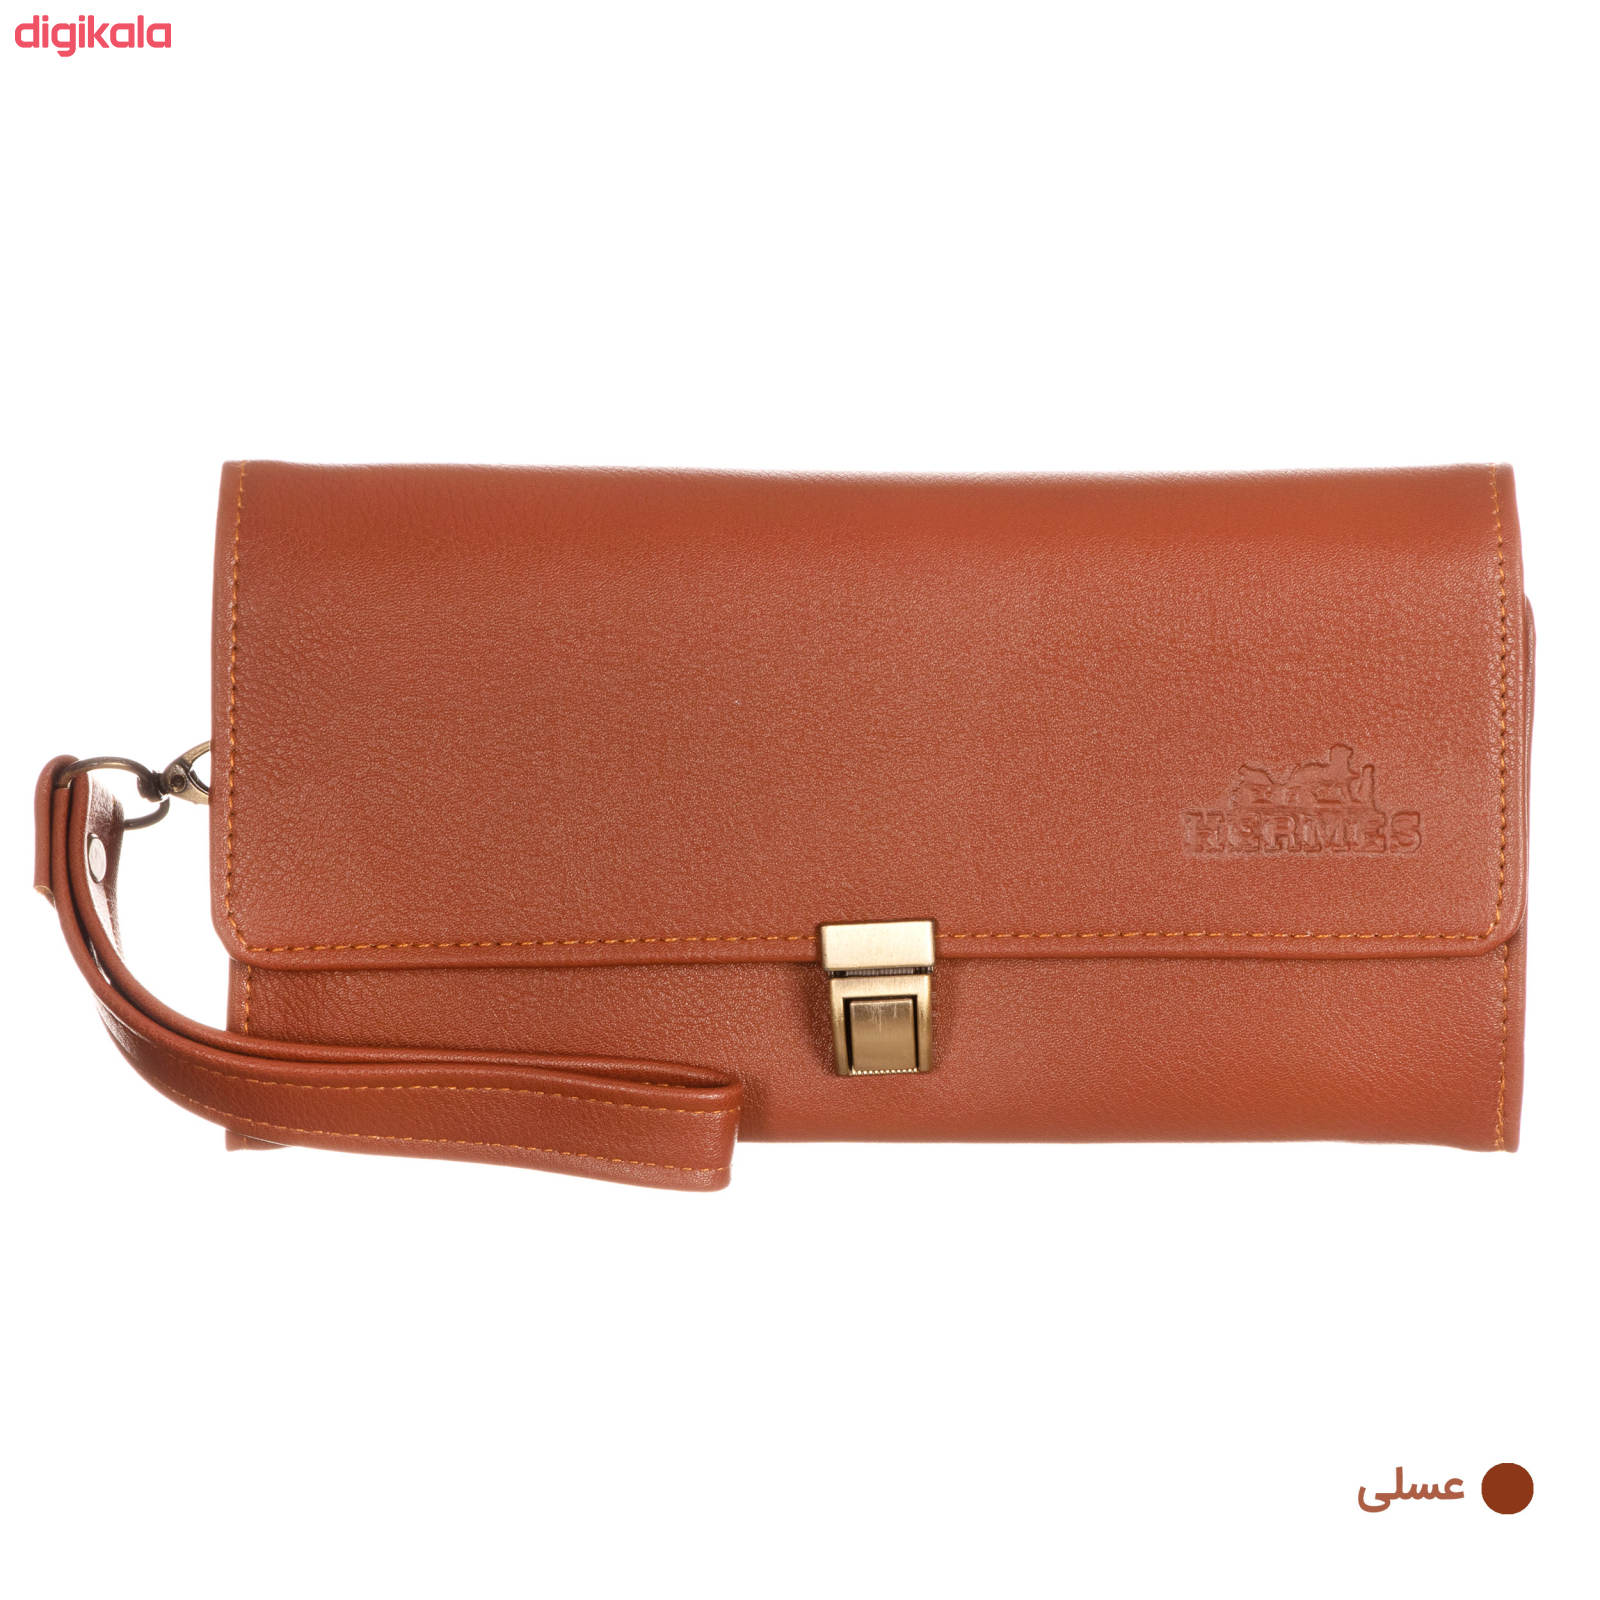 کیف دستی مردانه مدل001 main 1 5